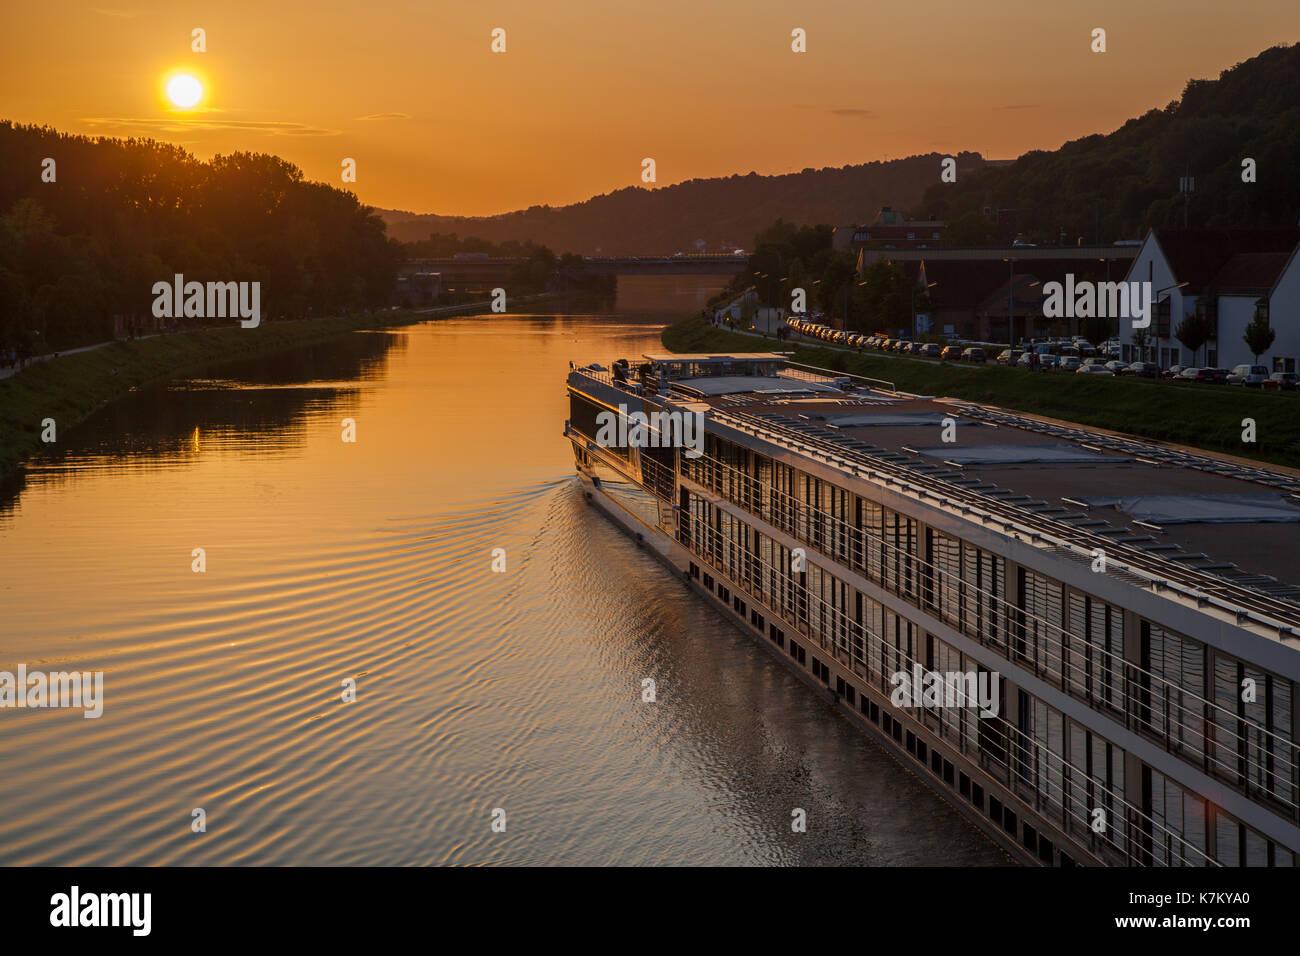 Flusskreuzfahrtschiff auf der Donau in Regensburg, Deutschland Stock Photo